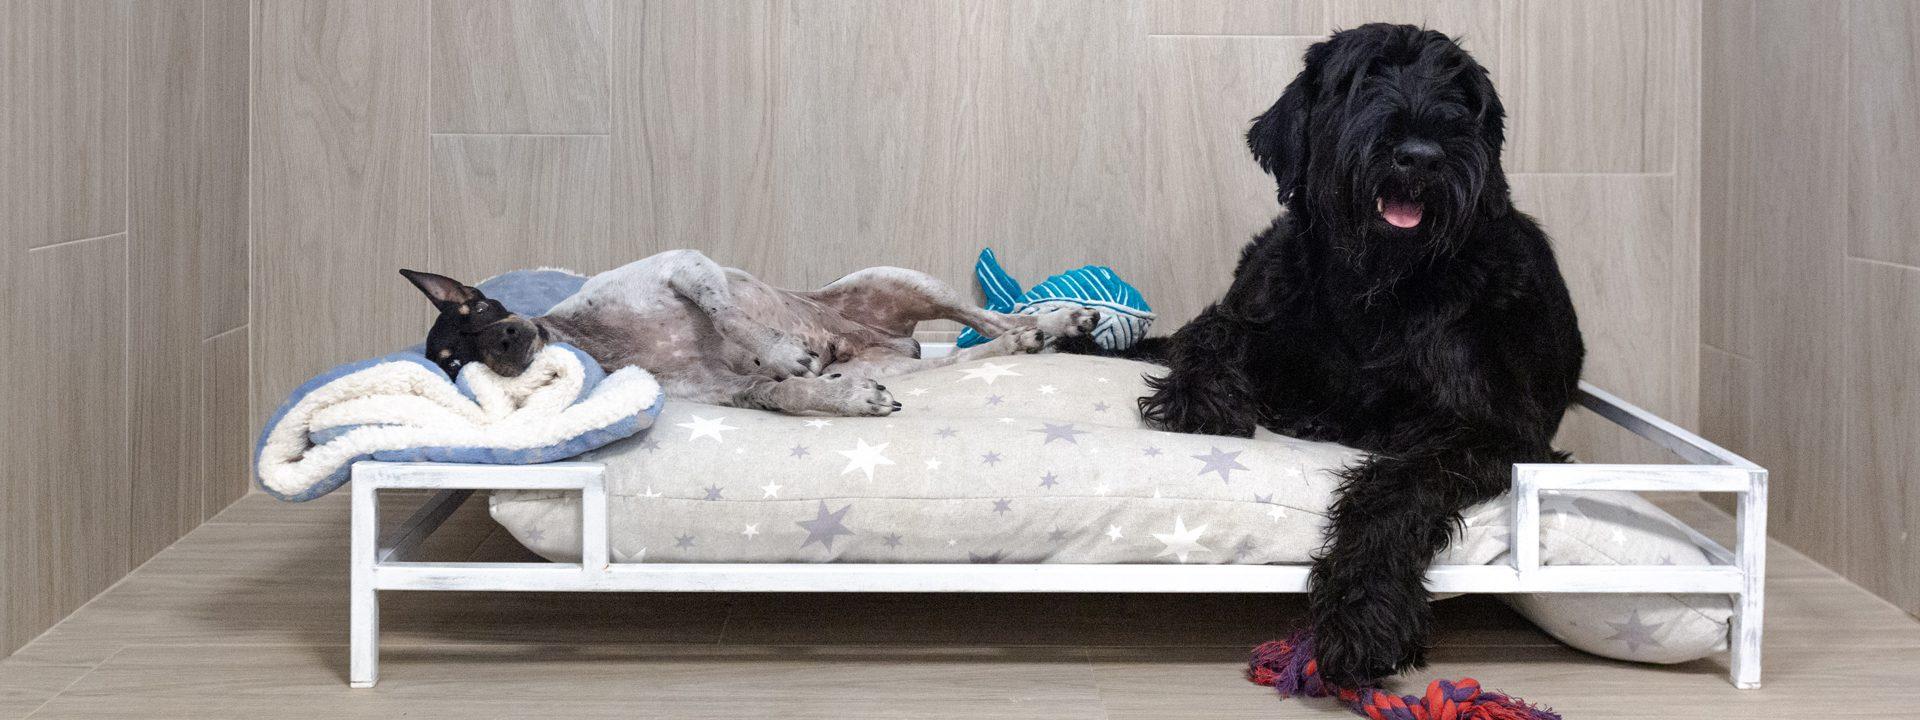 Galeria Dondersteen Resort Foto 3 - Perros relajados en la cama